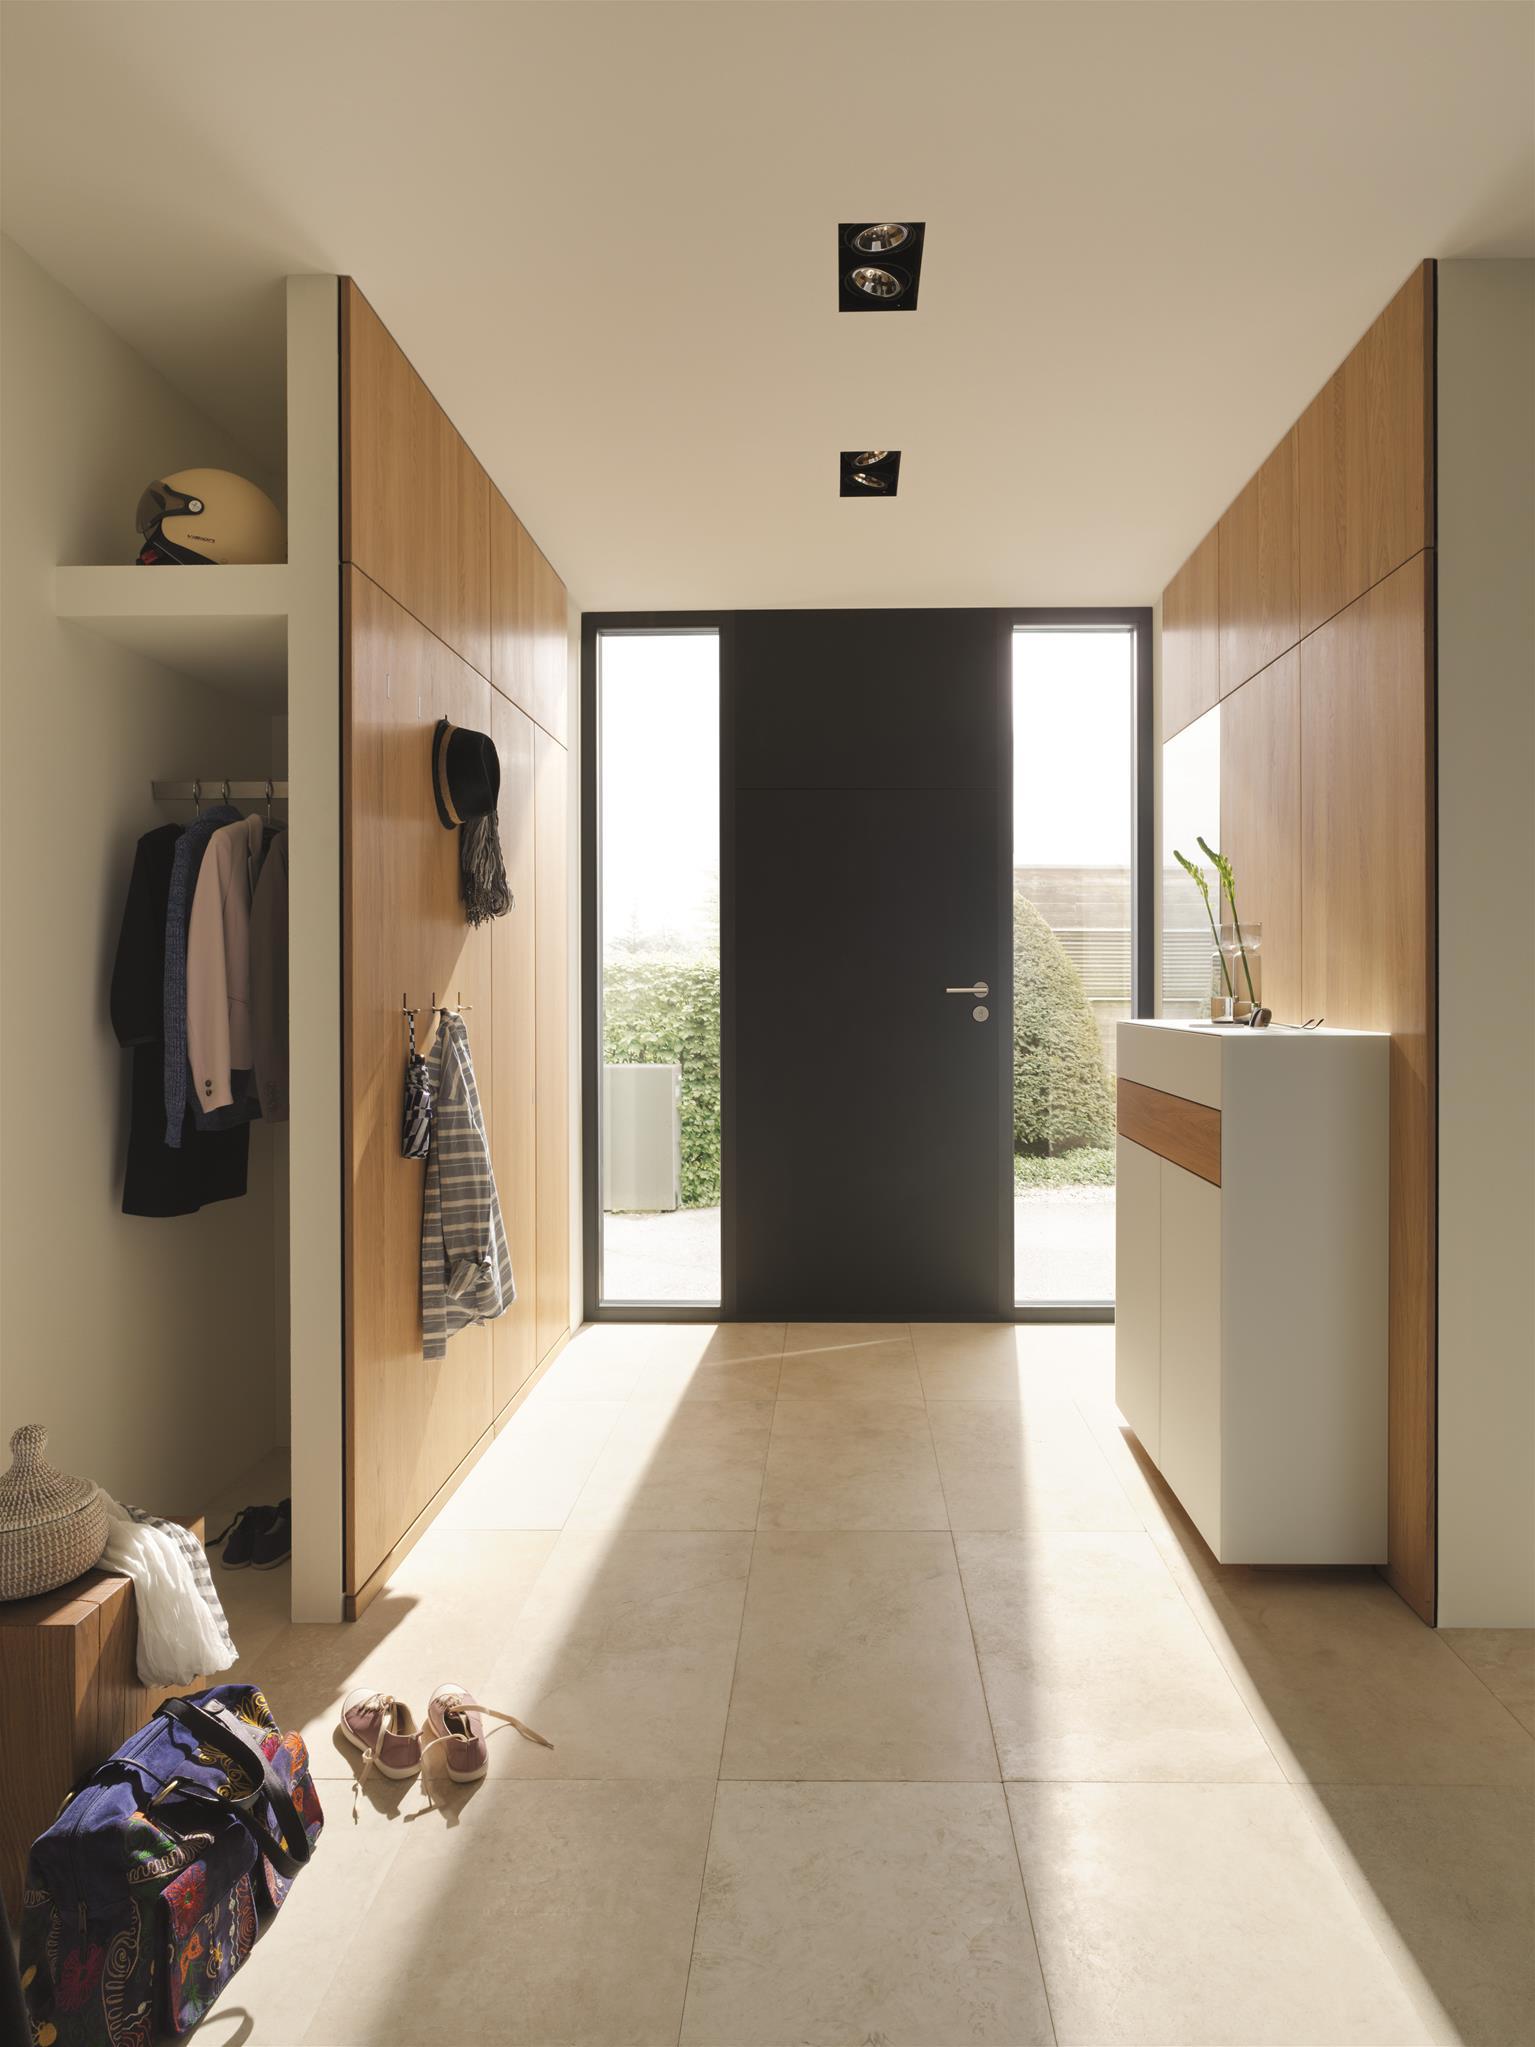 bildergalerie dielenm bel wohnwiese jette schlund ellingen team 7. Black Bedroom Furniture Sets. Home Design Ideas